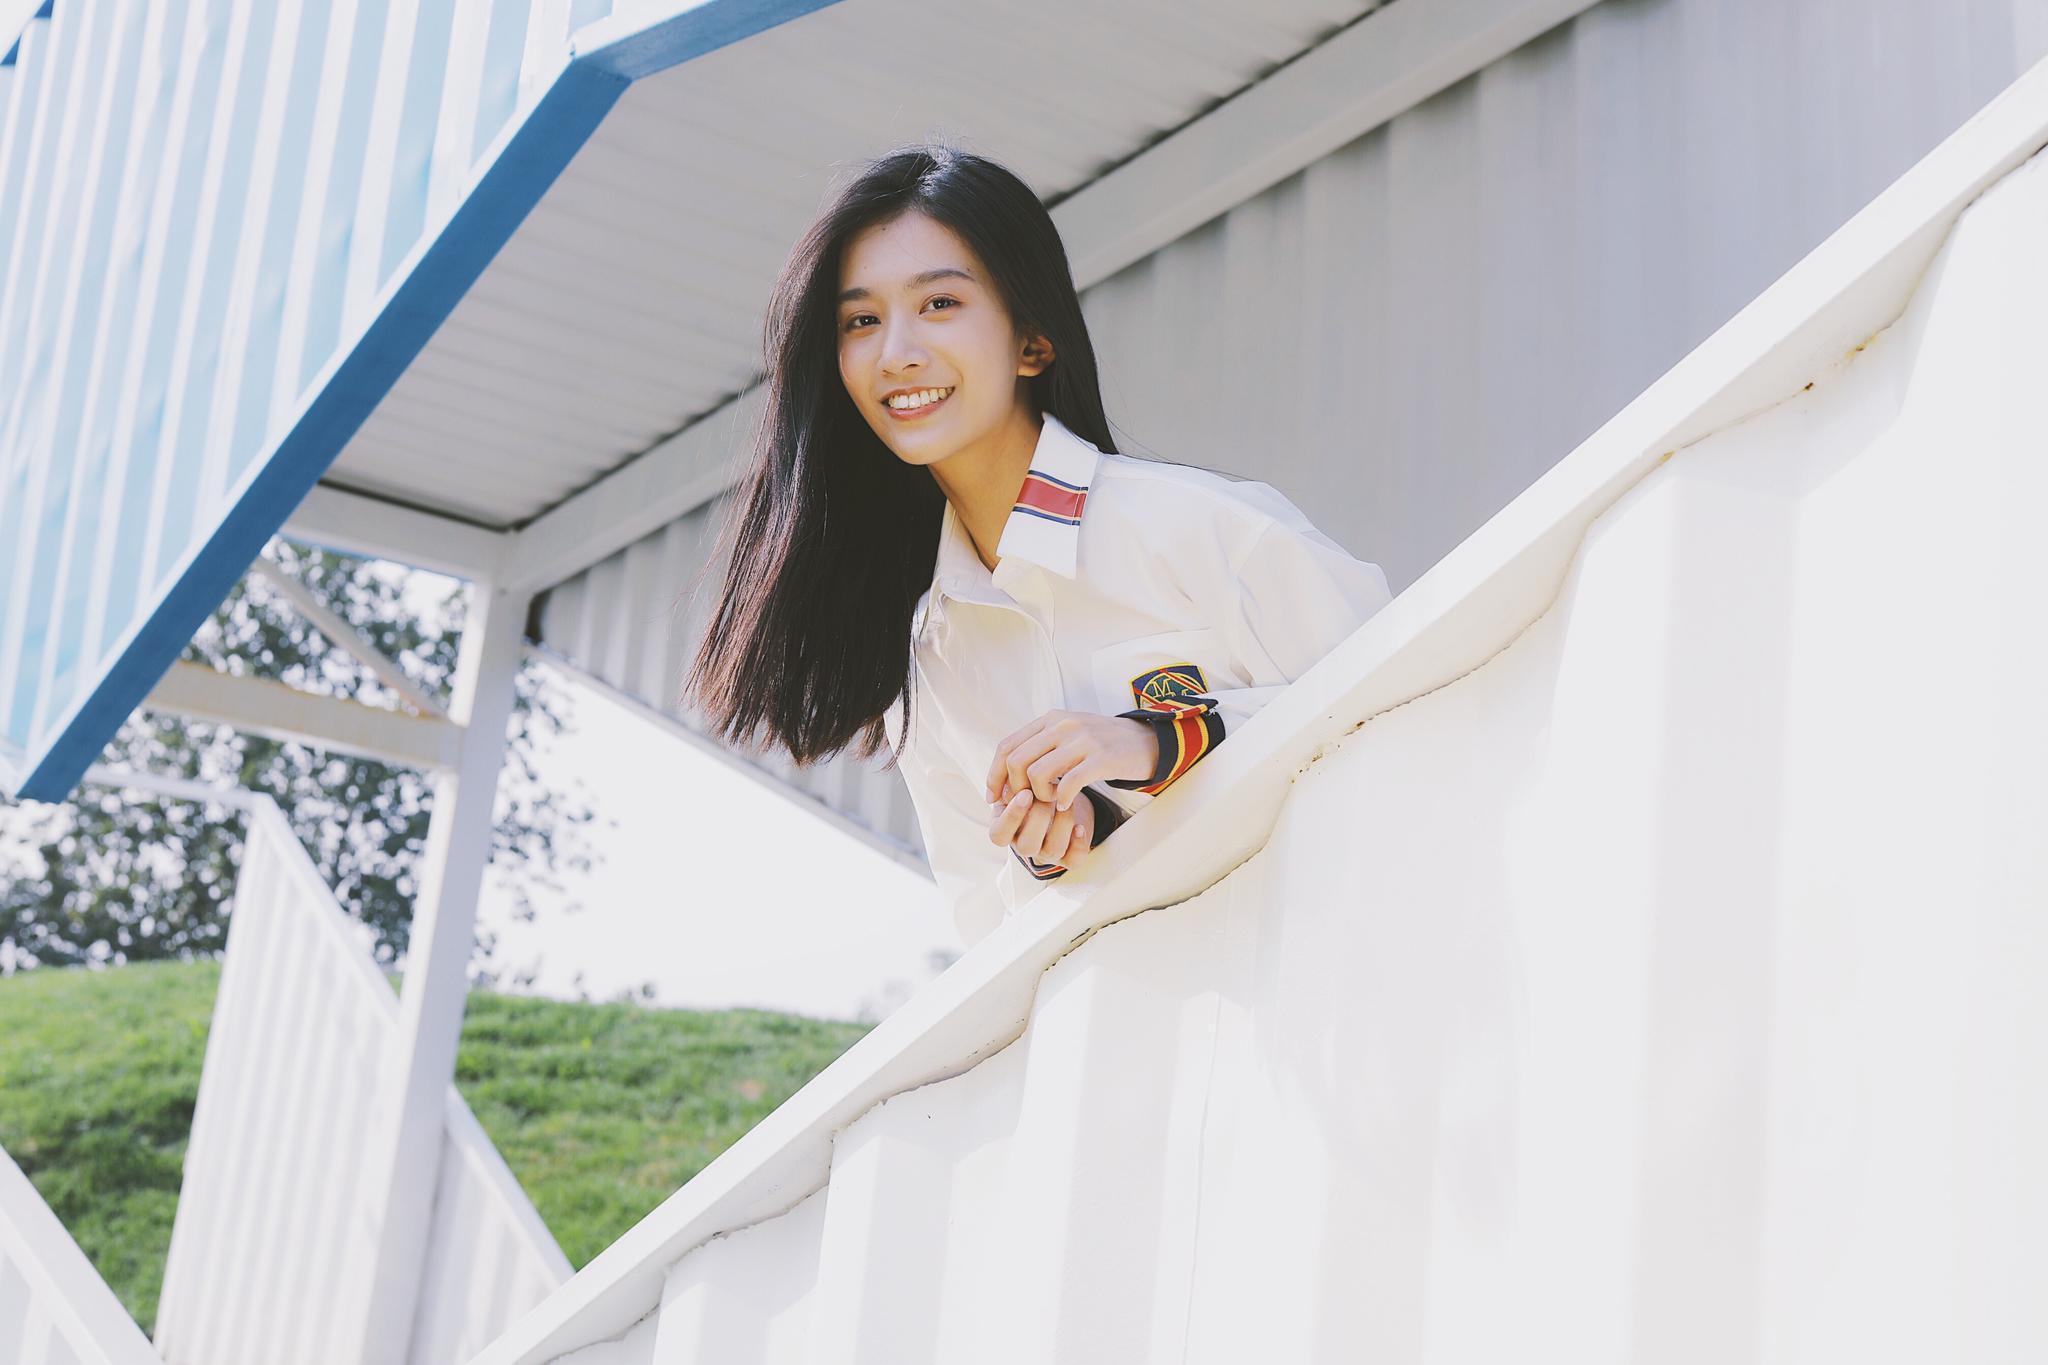 院线电影《我本少年》重庆开机 嘉泽演绎高冷女学霸南宫花洛